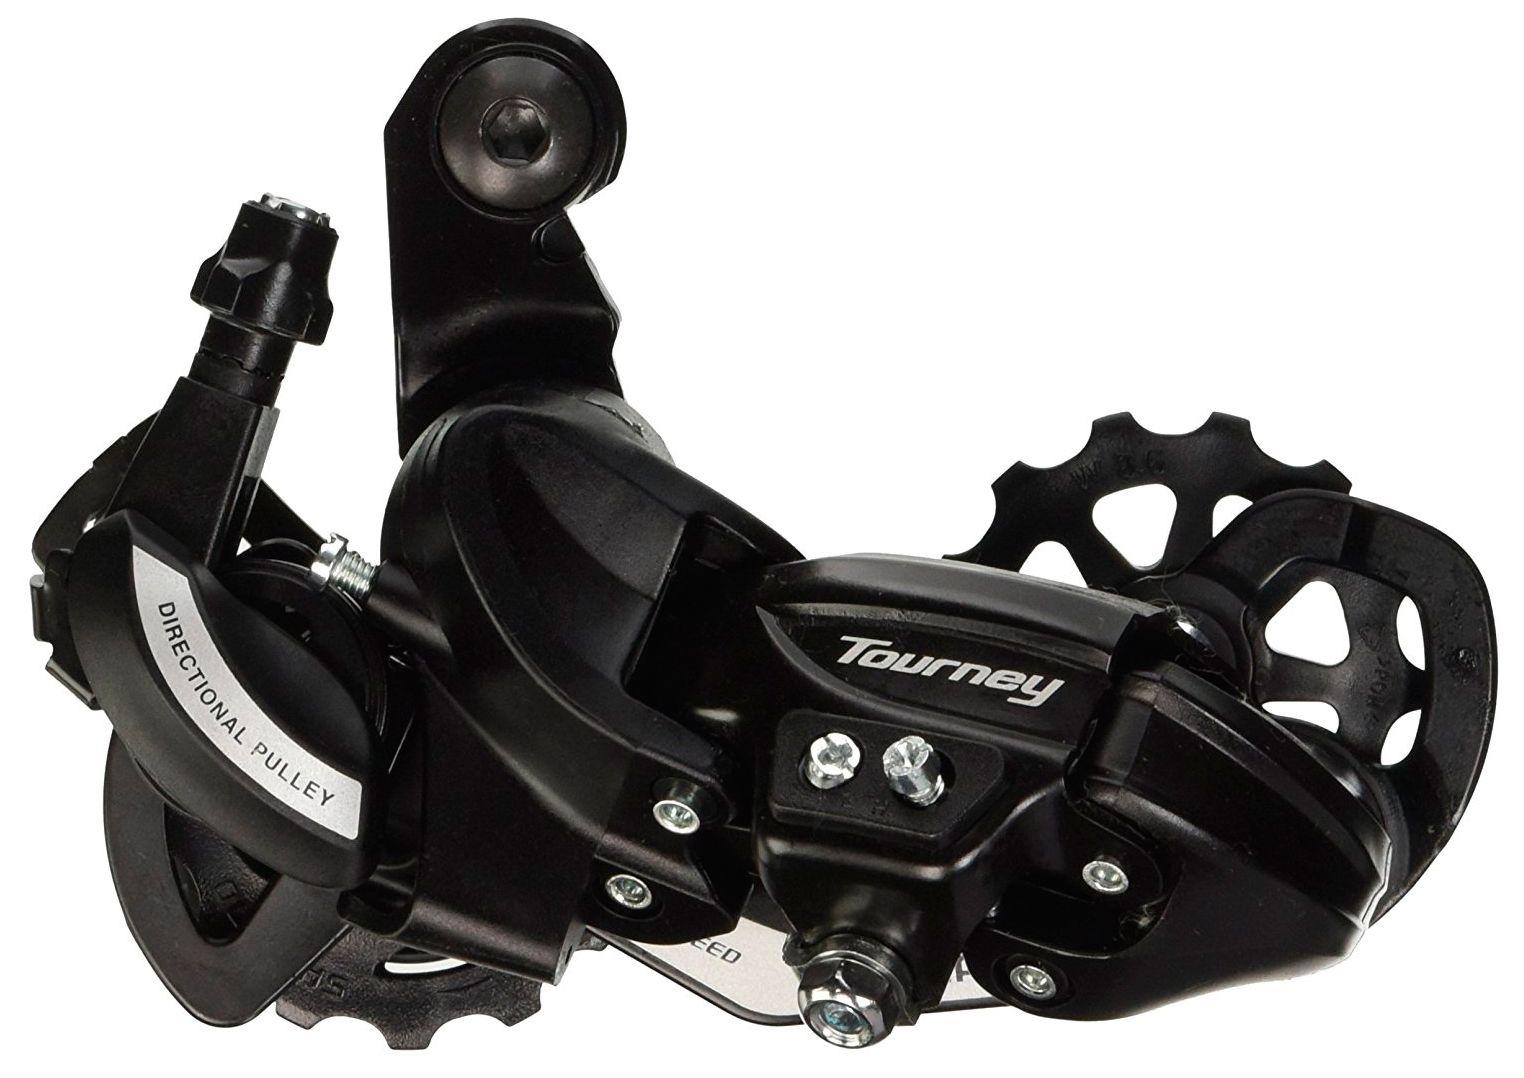 Запчасть Shimano Tourney TY500, 6/7ск. (ERDTY500D) запчасть shimano tourney ft35 a 6 7ск крепление на петух